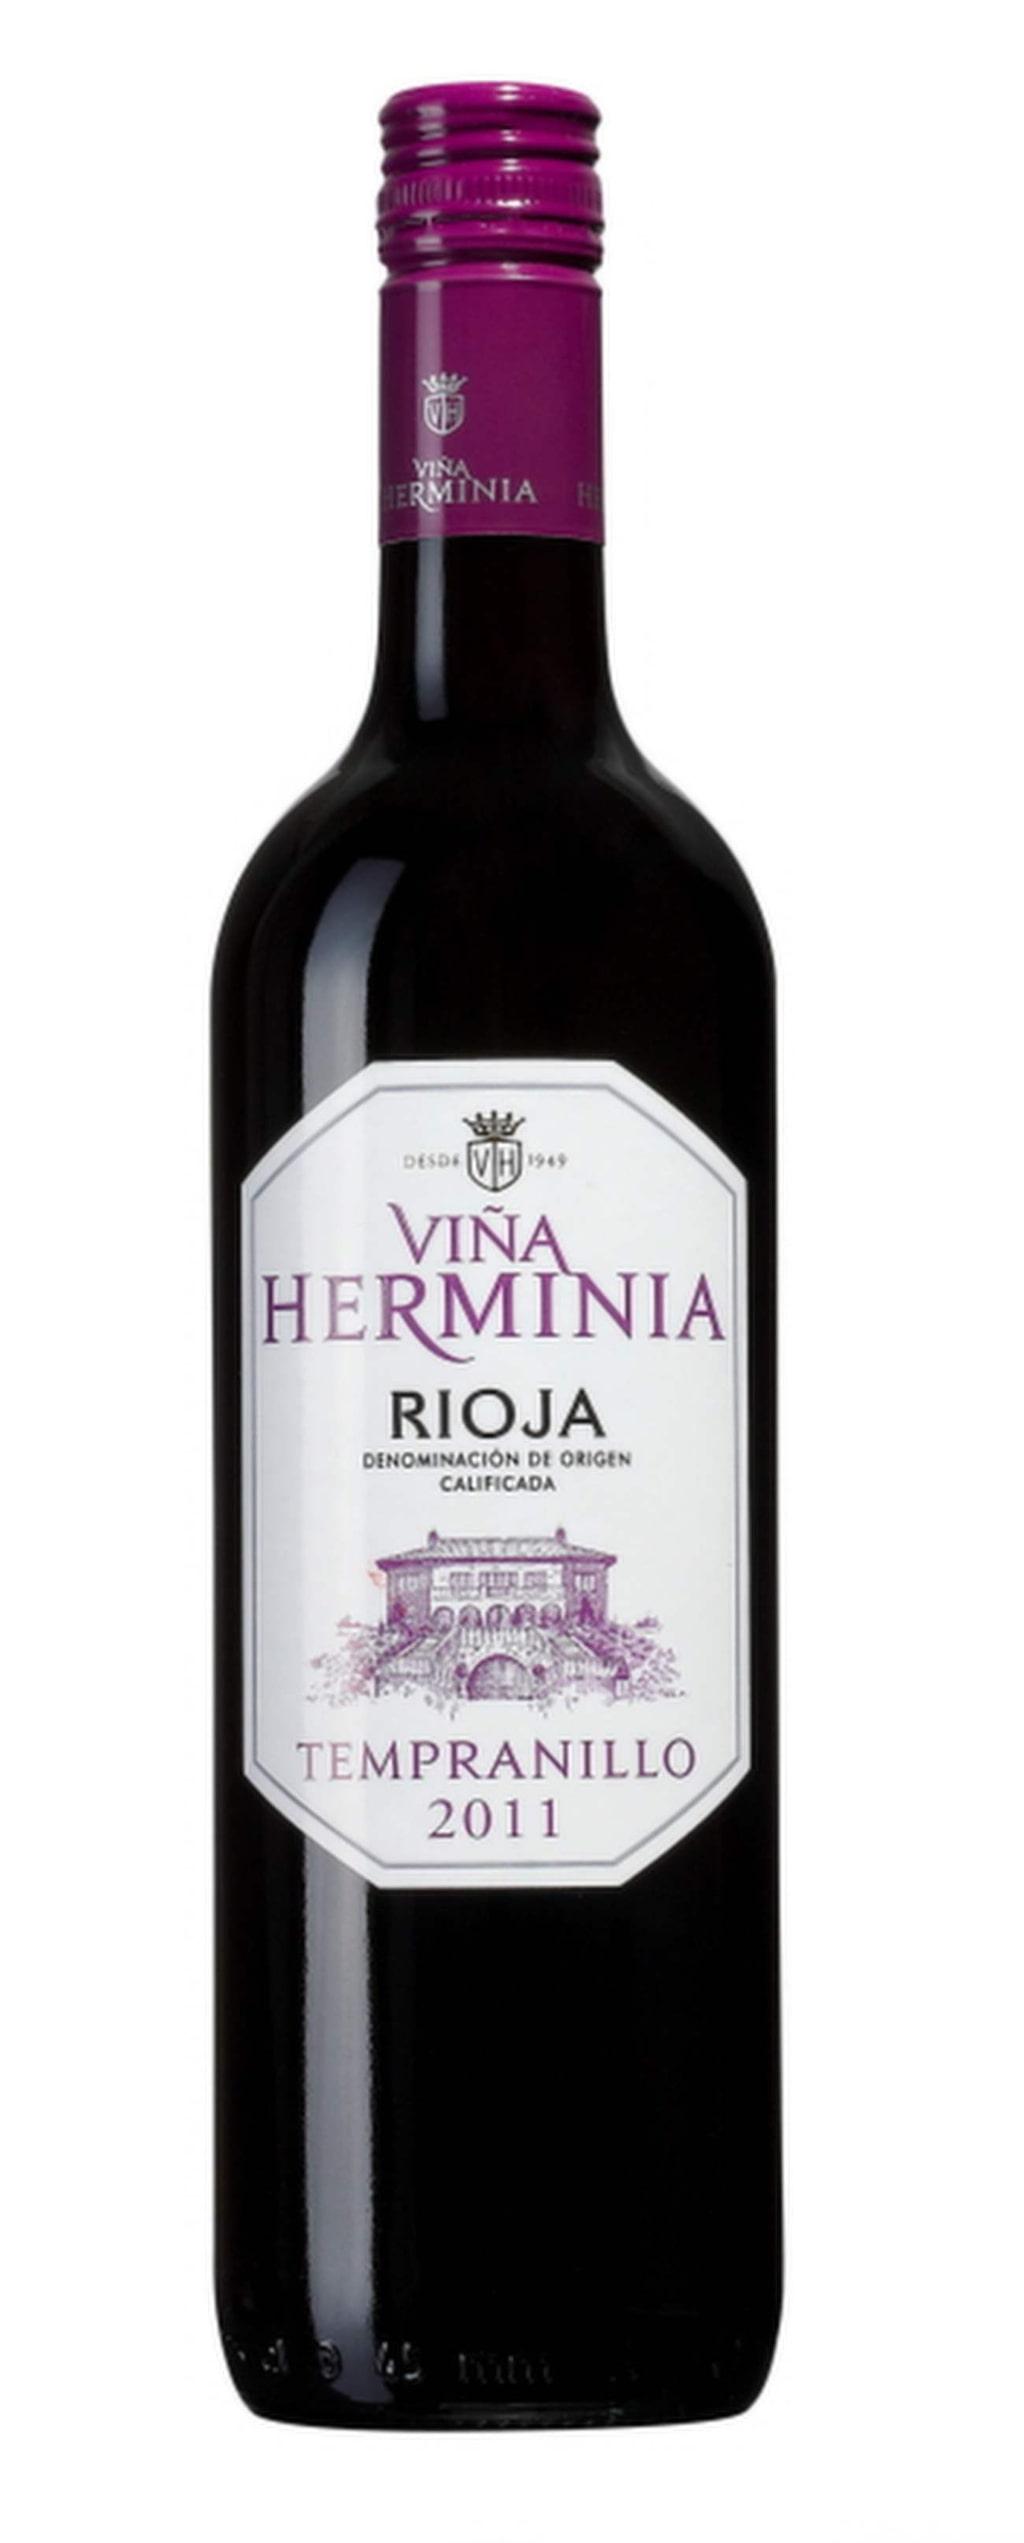 """<exp:icon type=""""wasp""""></exp:icon><exp:icon type=""""wasp""""></exp:icon><exp:icon type=""""wasp""""></exp:icon><br>Rött<br><strong>Vina Herminia 2013 (12615) Spanien, 79 kr</strong><br>Riojavin i mjuk, saftig stil med toner av mörka bär och lite vanilj. Passar bra tillsammans med enchiladas med kyckling och grillad paprika."""